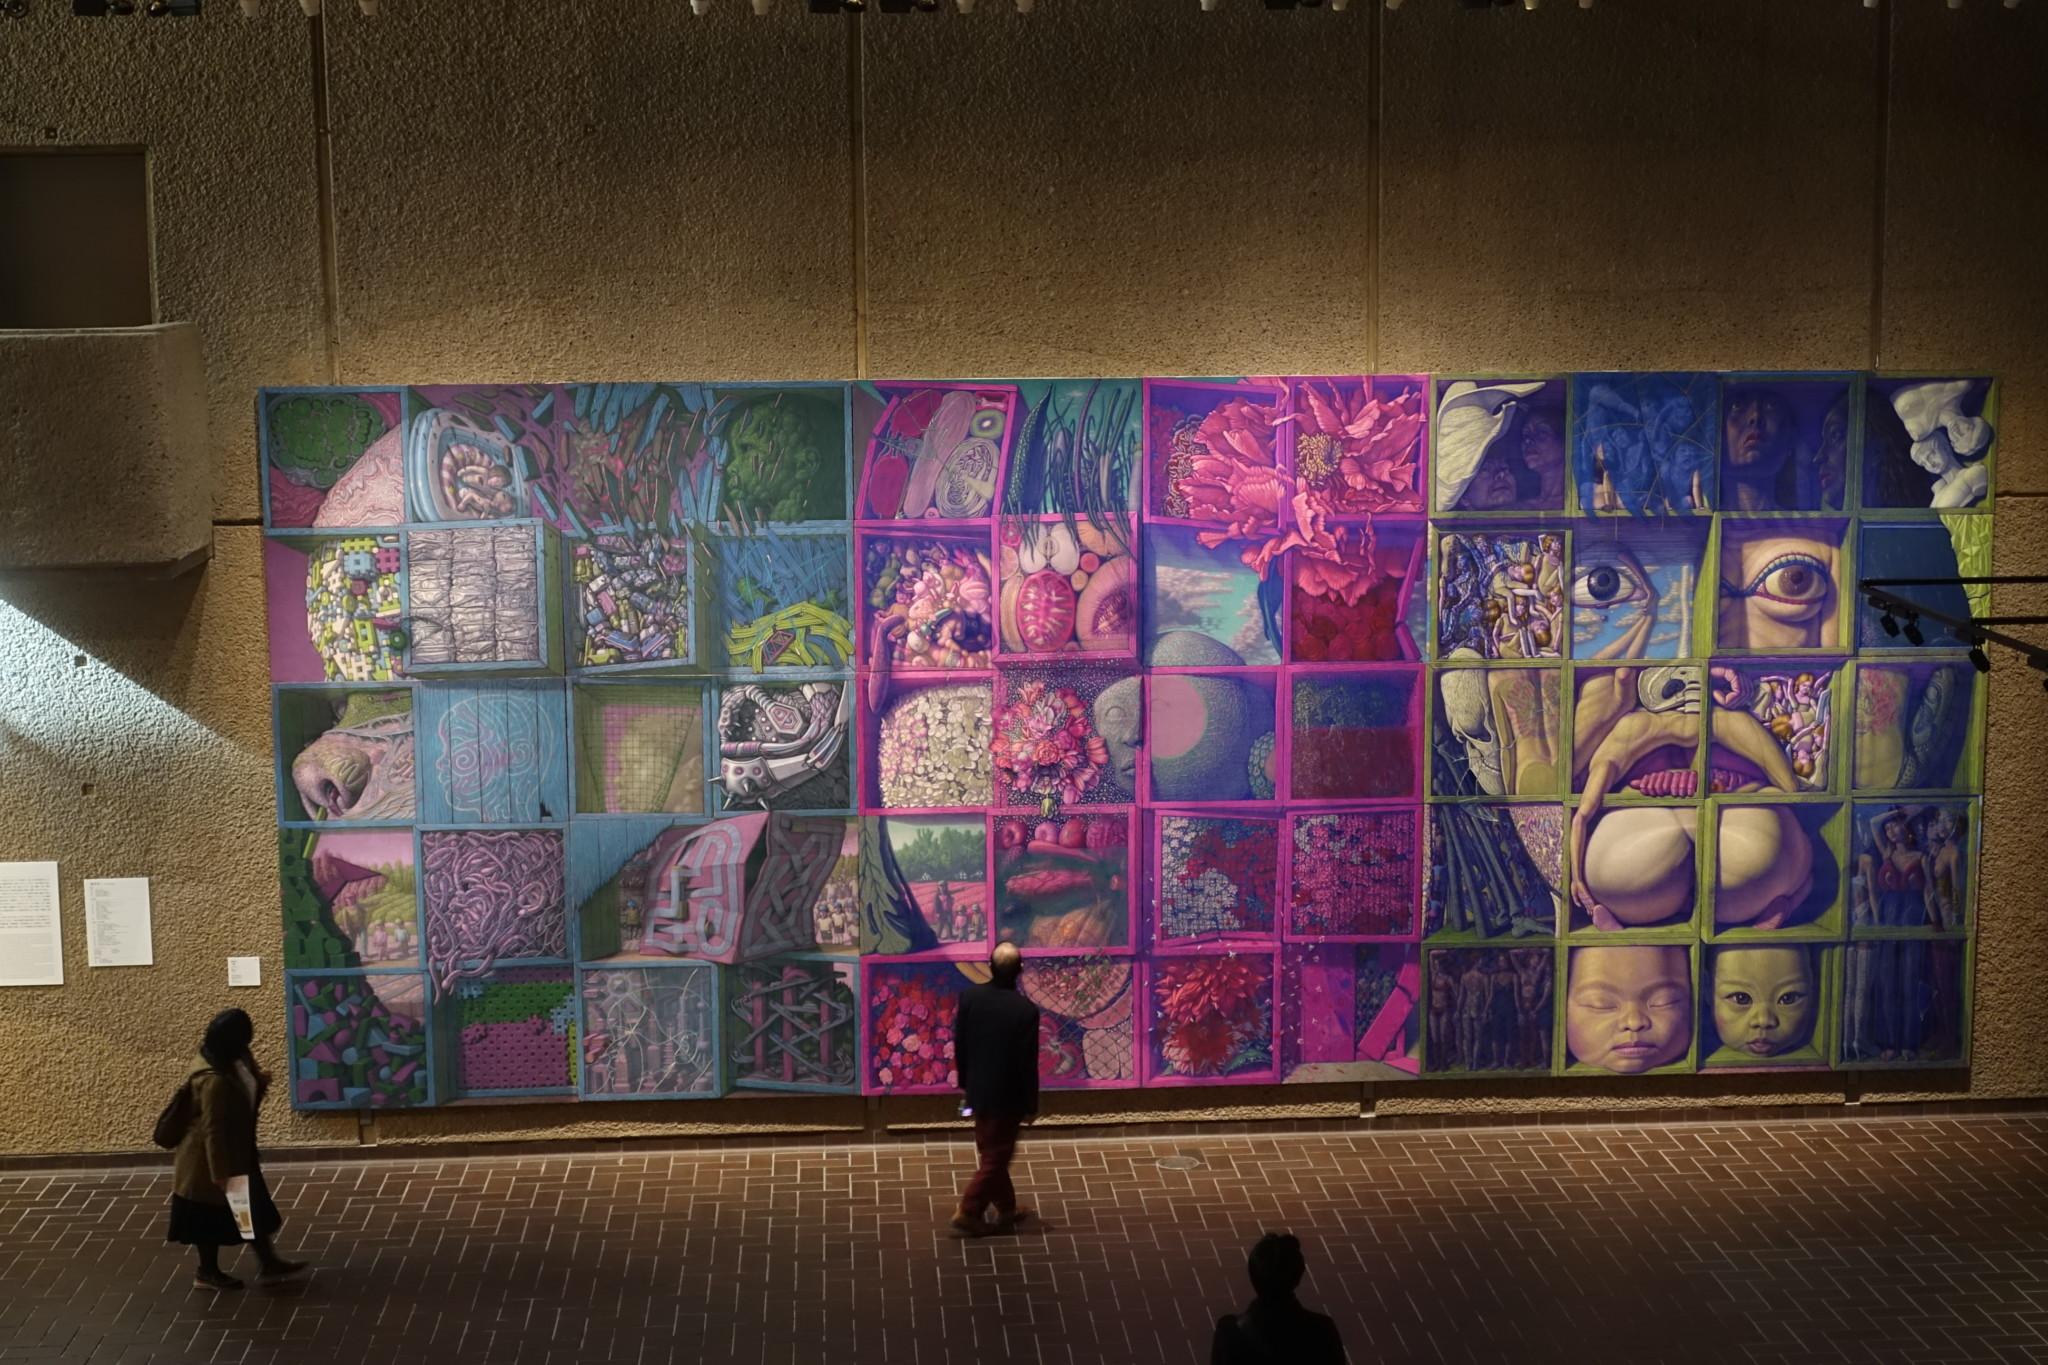 上野アーティストプロジェクト 現代の写実—映像を超えて/ 東京都現代美術館所蔵 近代の写実展